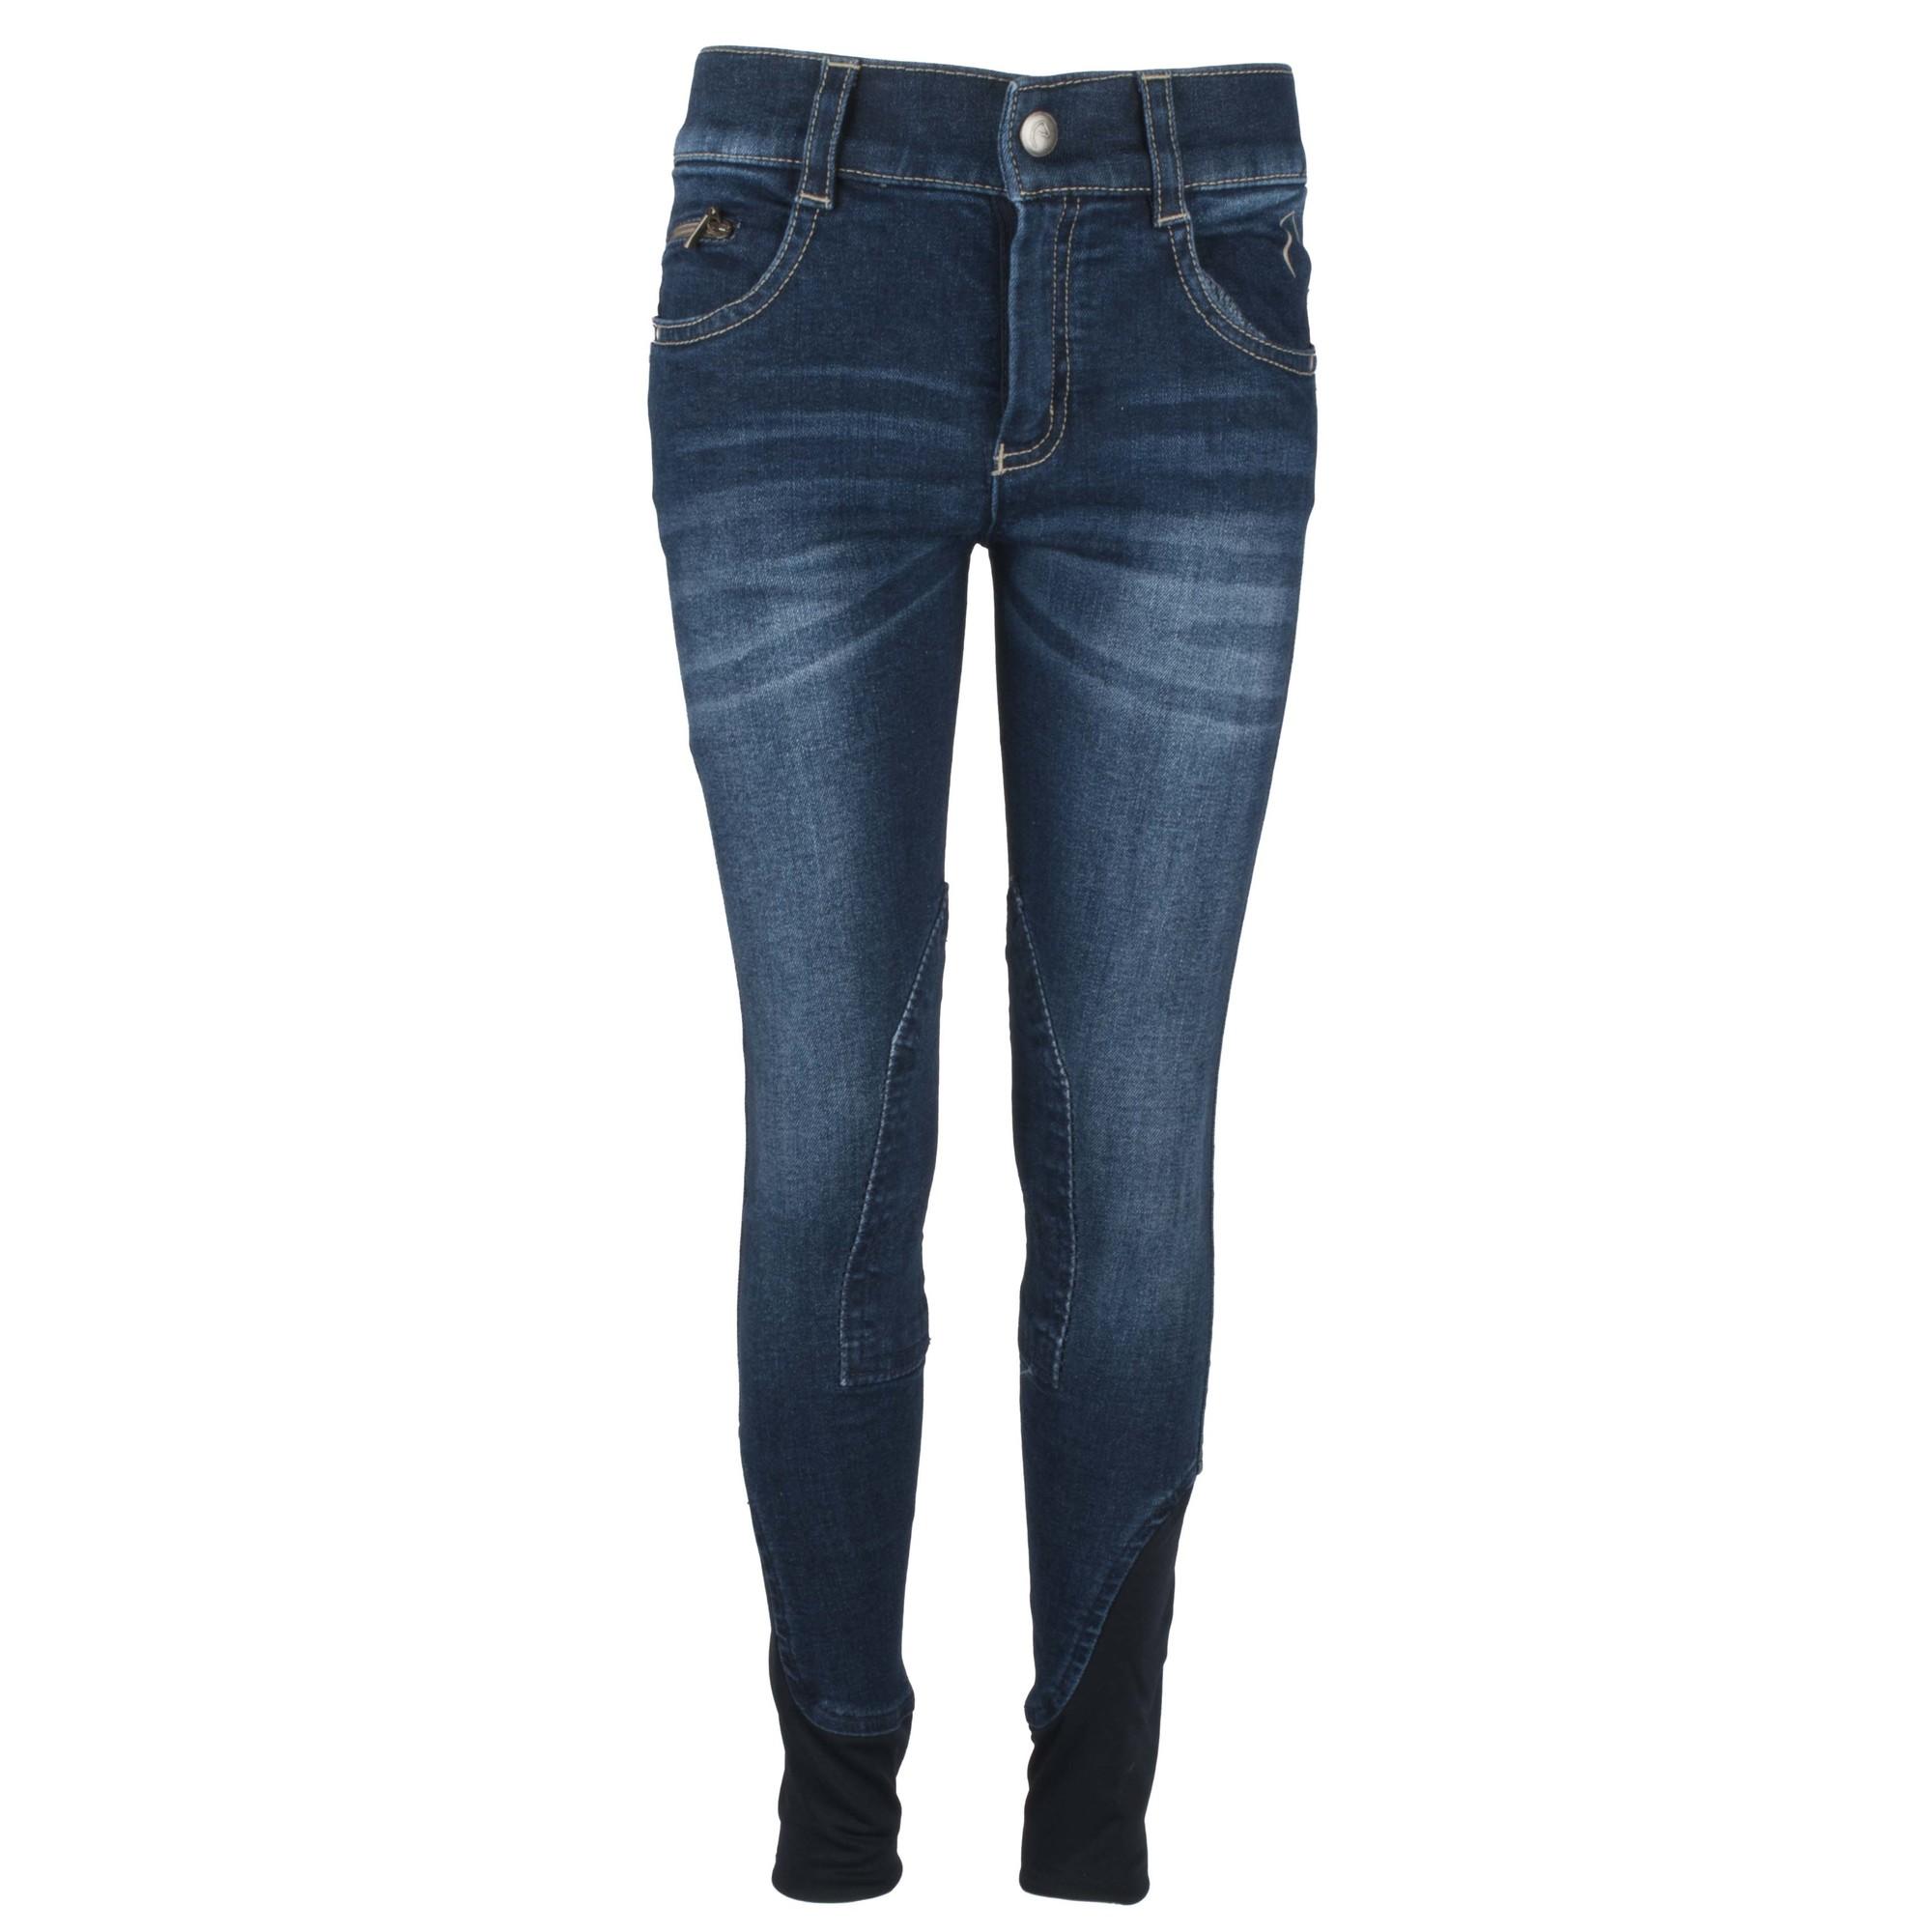 Equitheme Texas jeans kinder rijbroek donkerblauw maat:140